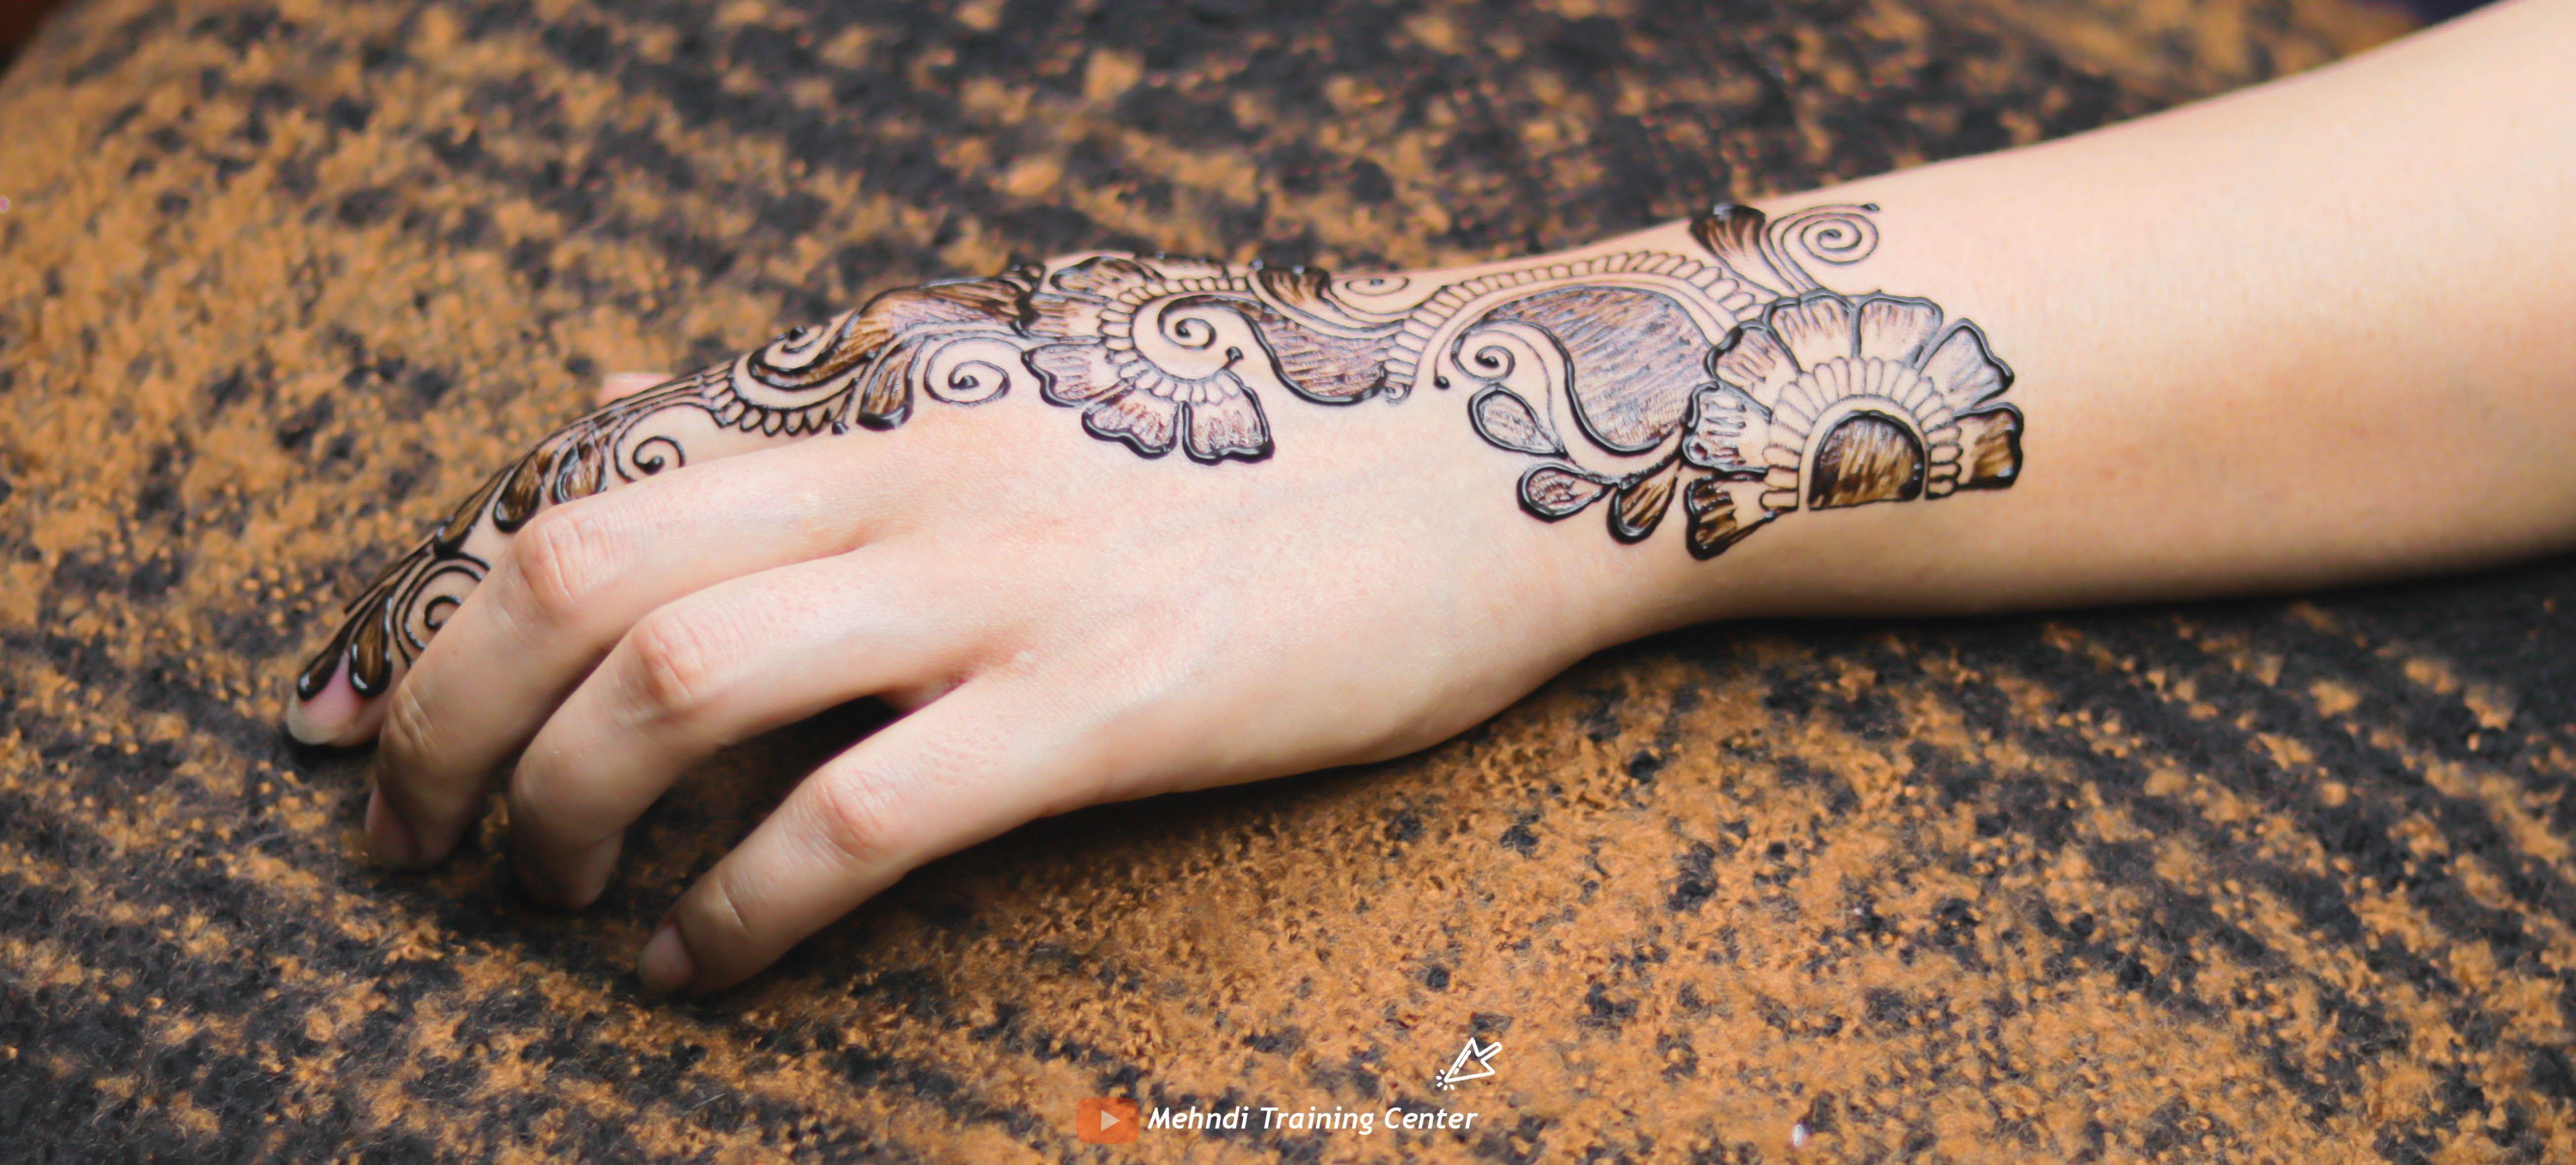 تصميم الحناء هذا جميل جدا وسهل التطبيق يمكنك تطبيق تصميم الحناء على يدك يوم العيد Mehndi Designs Infinity Tattoo Design